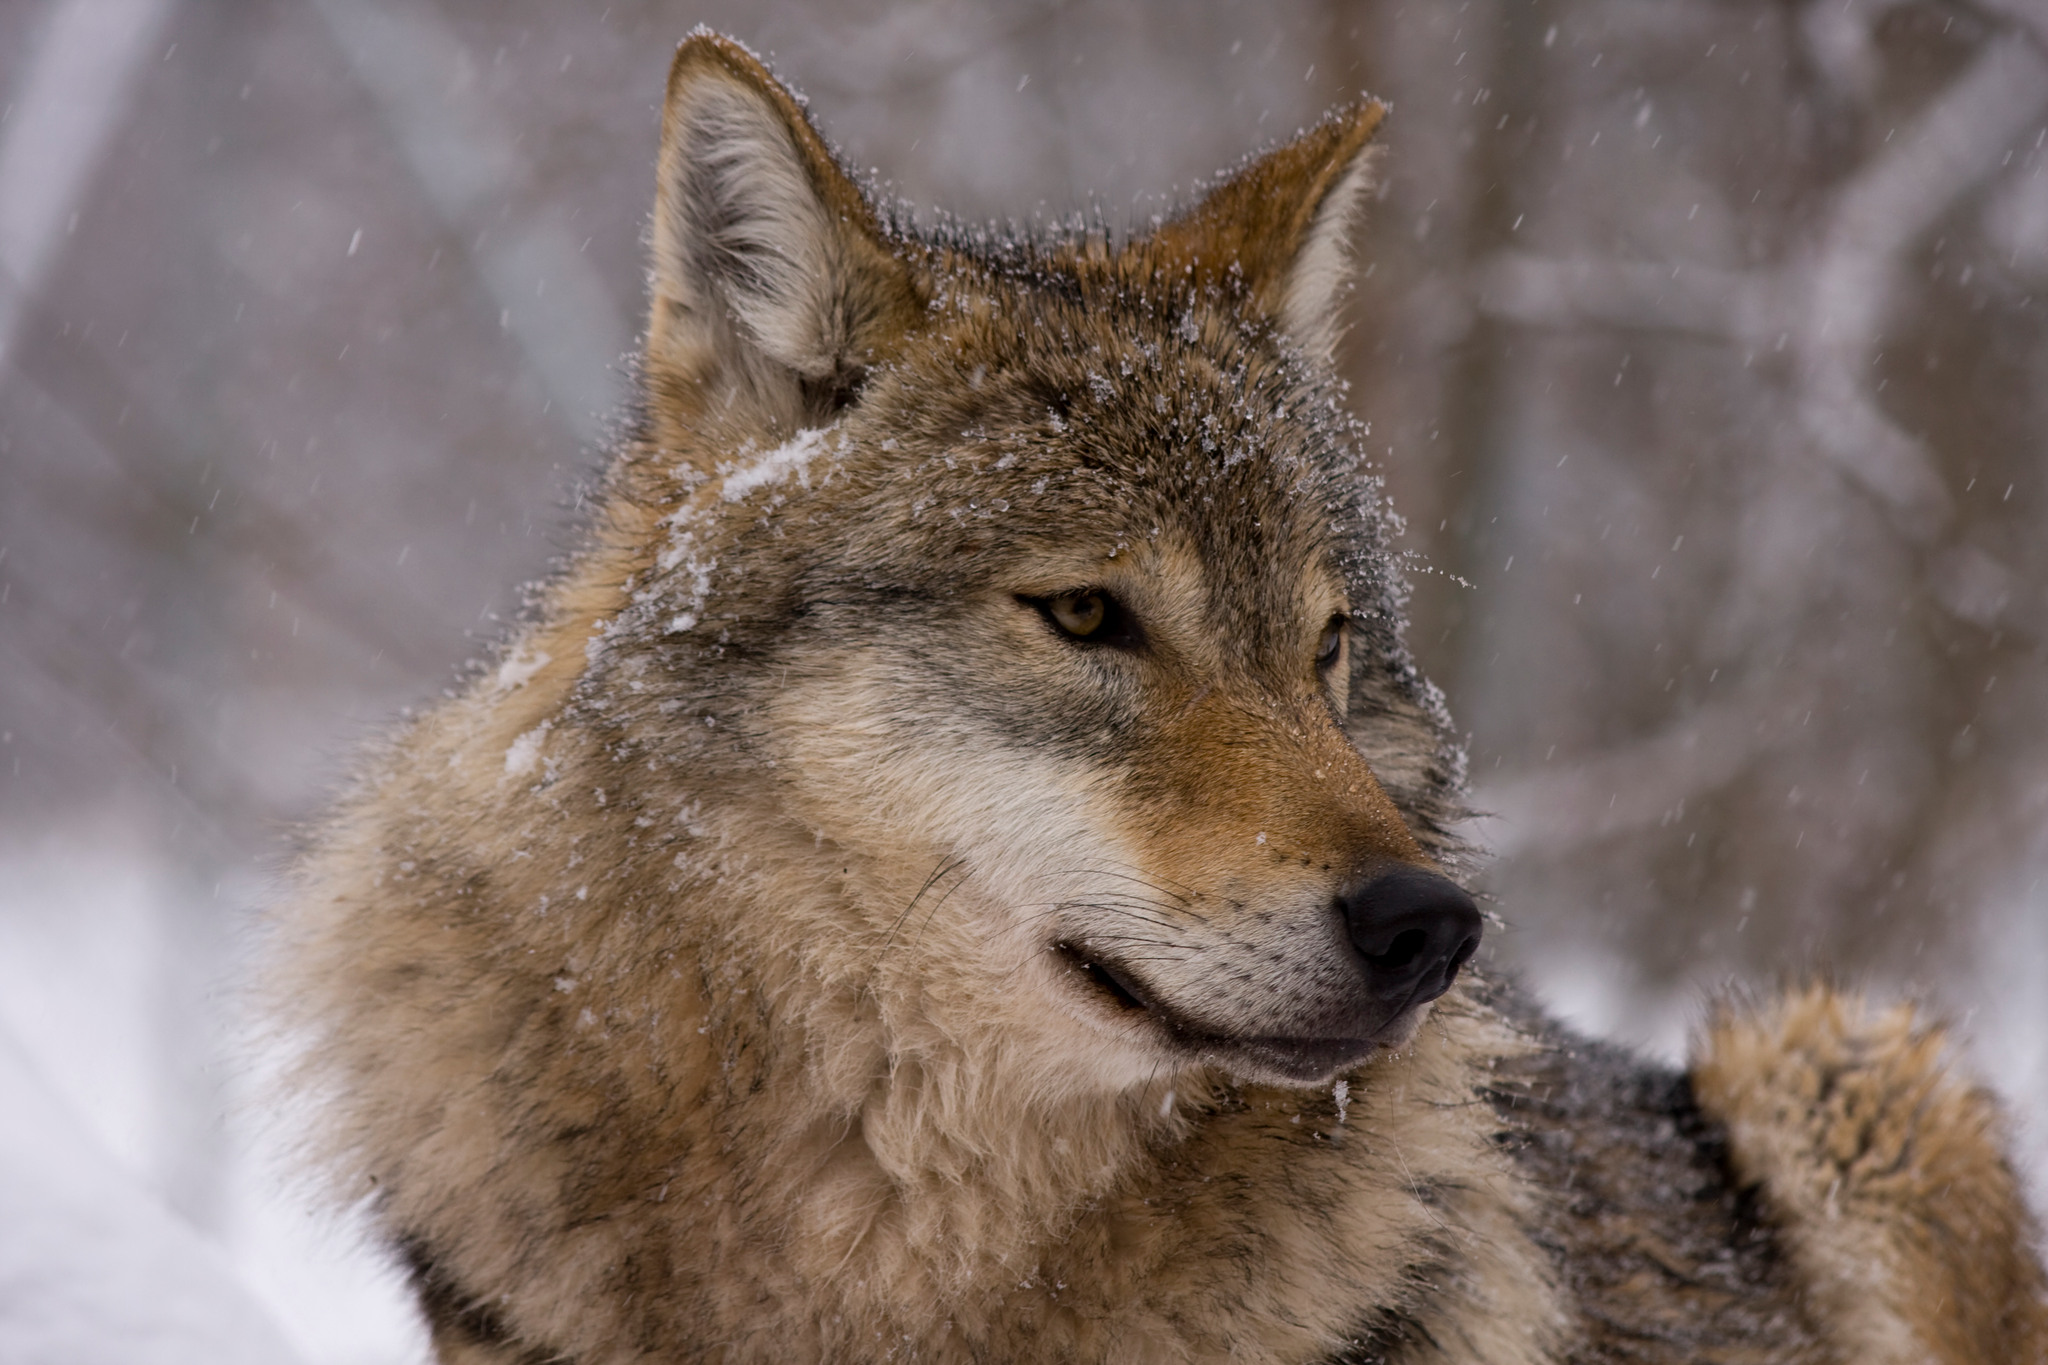 I rovdjurens spår är inget annat än en partsinlaga för alla dem som tjänar pengar på vargförekomsten, anser debattören. Foto: Mostphotos